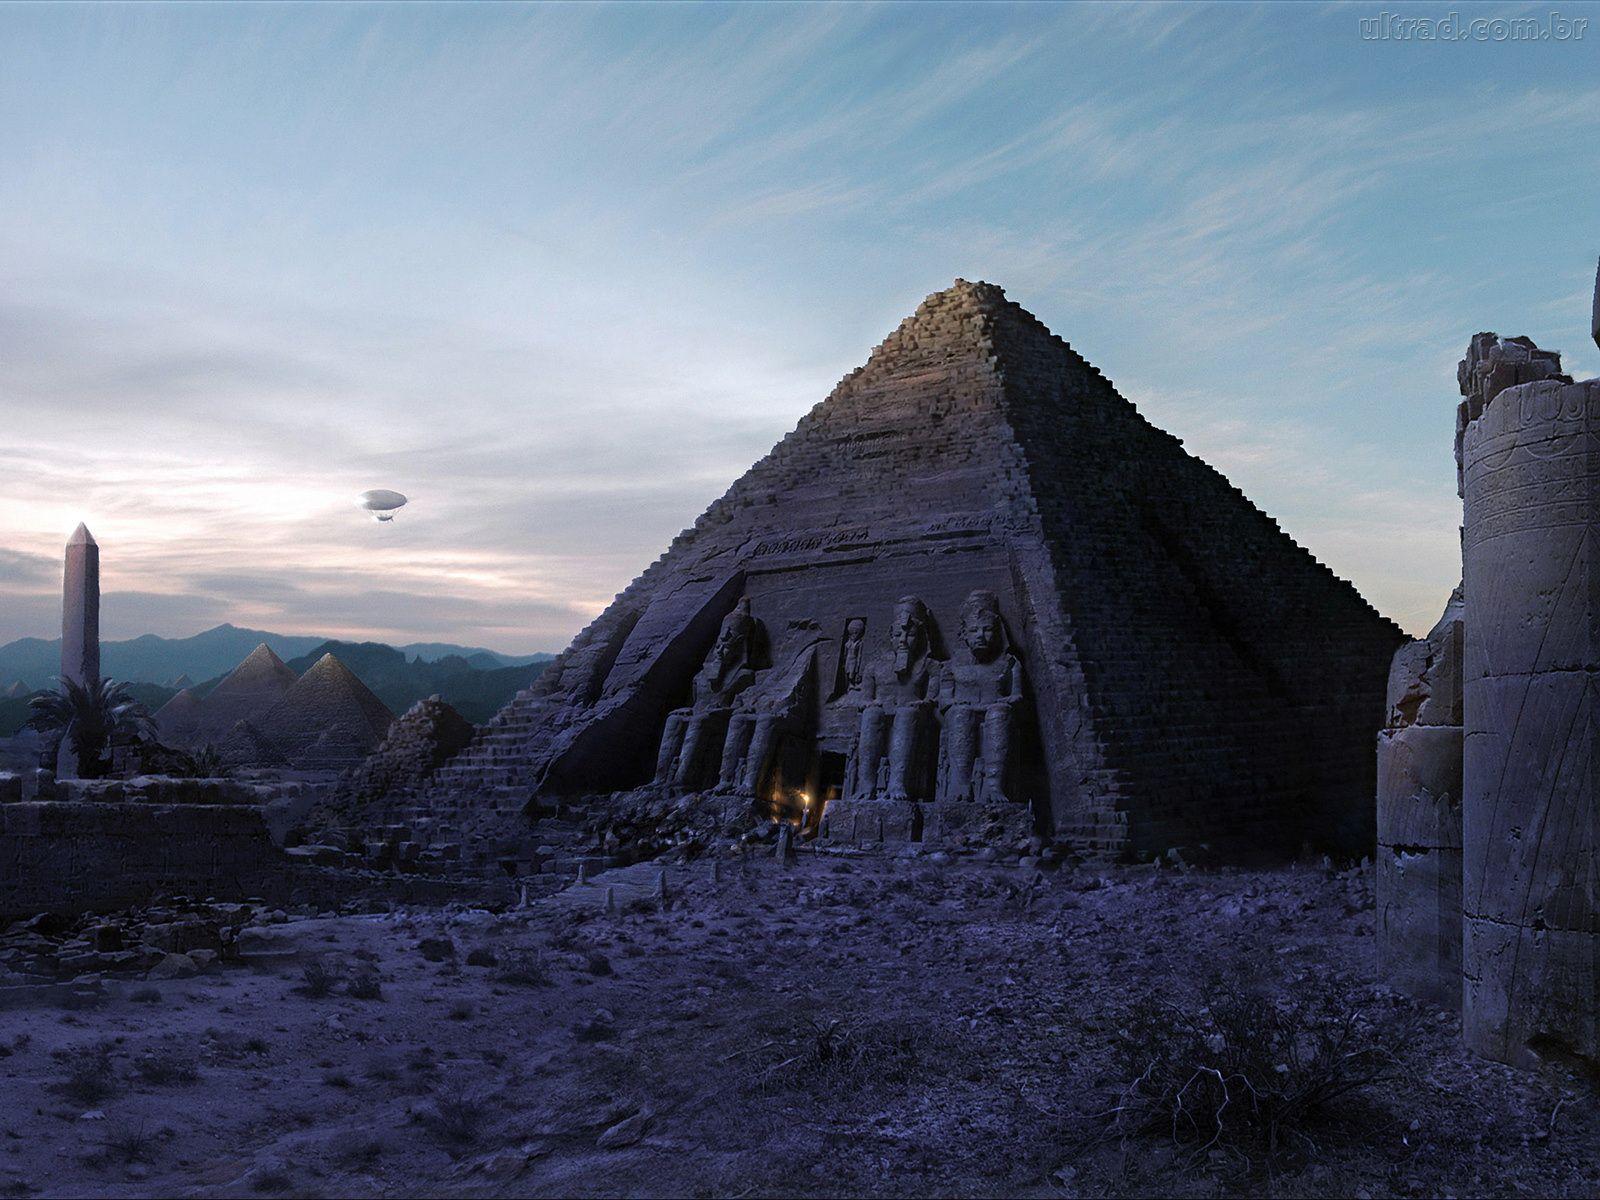 http://2.bp.blogspot.com/-Z3yWrvZmdes/TinZLVC8Q-I/AAAAAAAAAmE/9PkD5uR9rdk/s1600/117527_Papel-de-Parede-Egito--117527_1600x1200.jpg